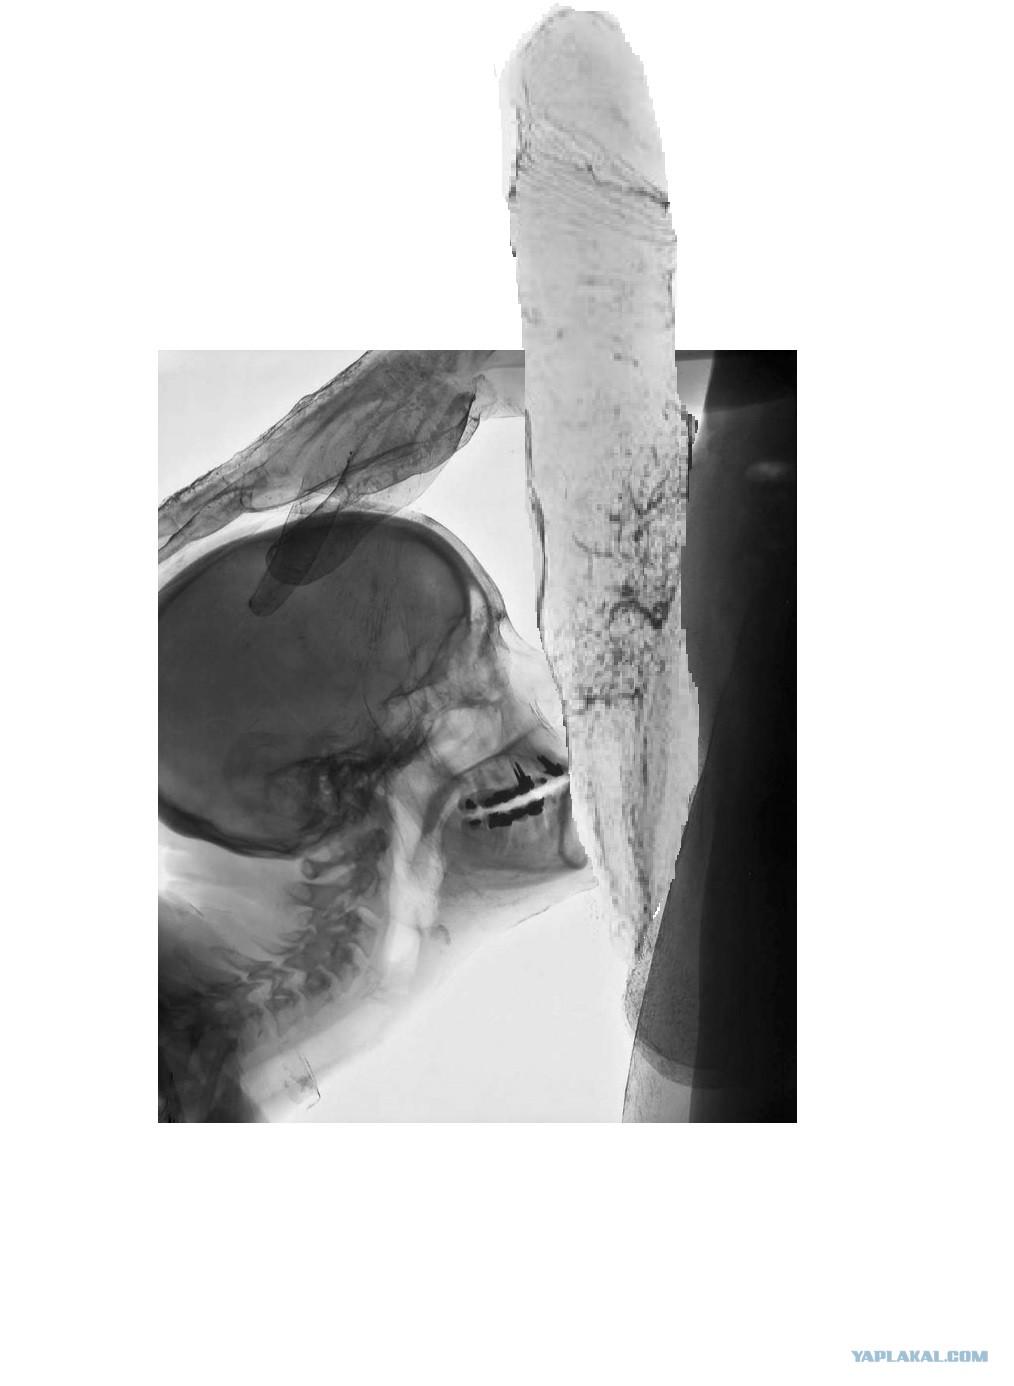 видео онлайн секс через рентген трансляции